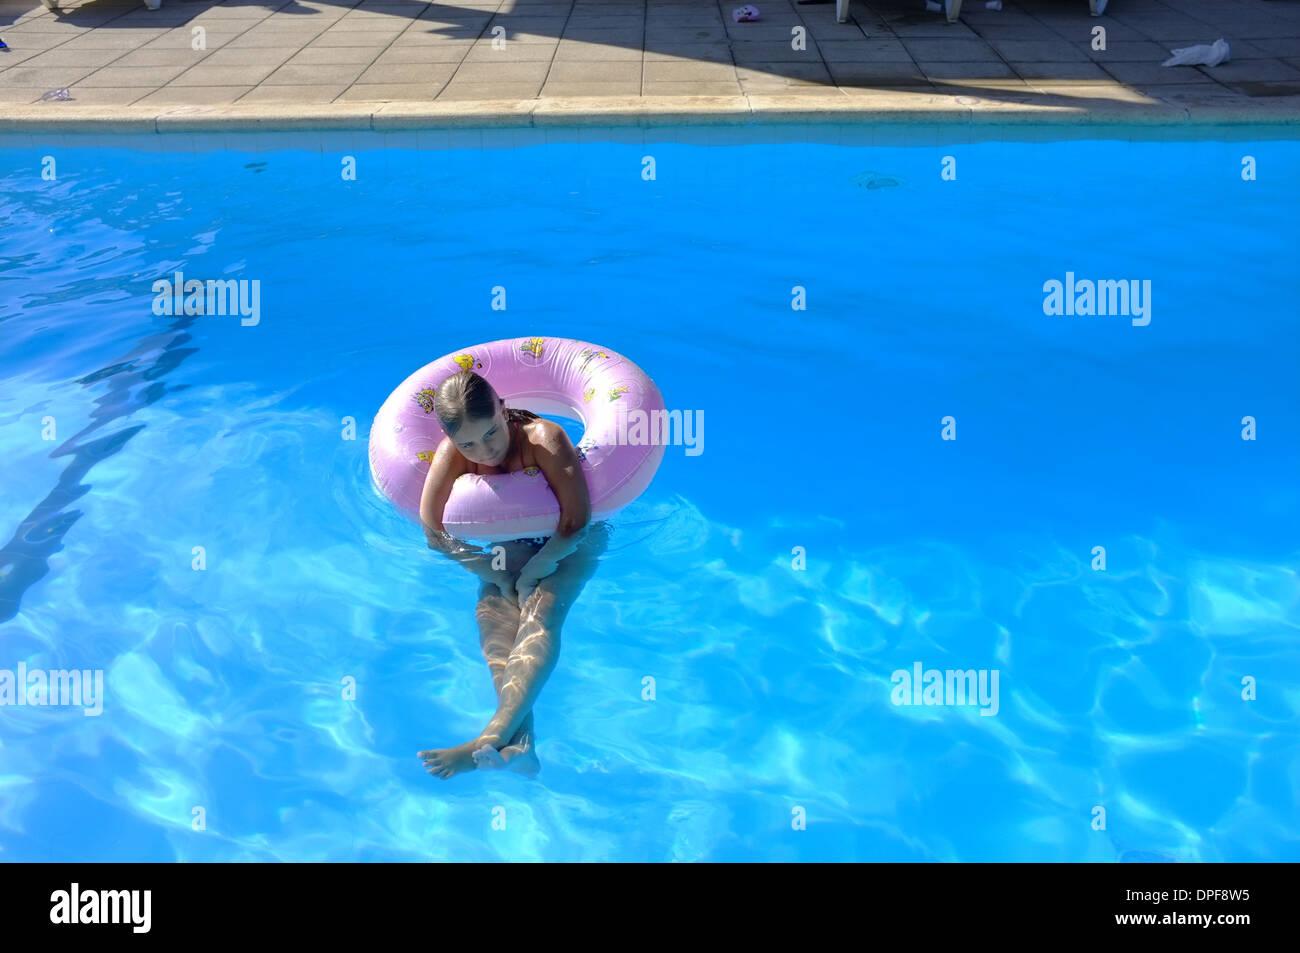 Eine 10 Jahre alte gedankenverloren in einem Schwimmbad Stockbild